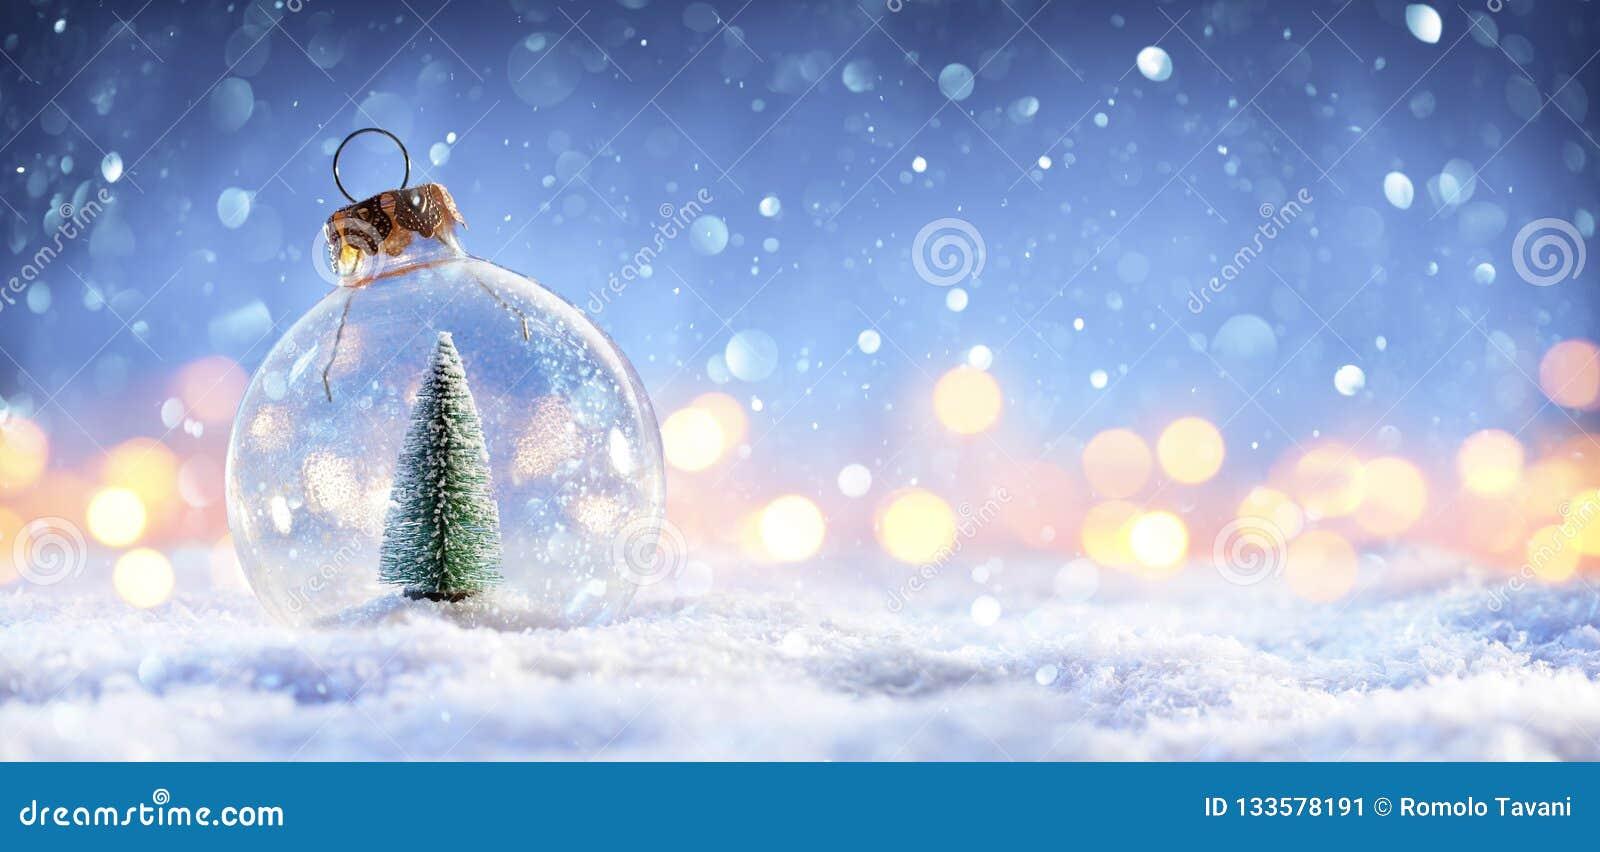 Śnieżna piłka Z choinką W Nim I światłach